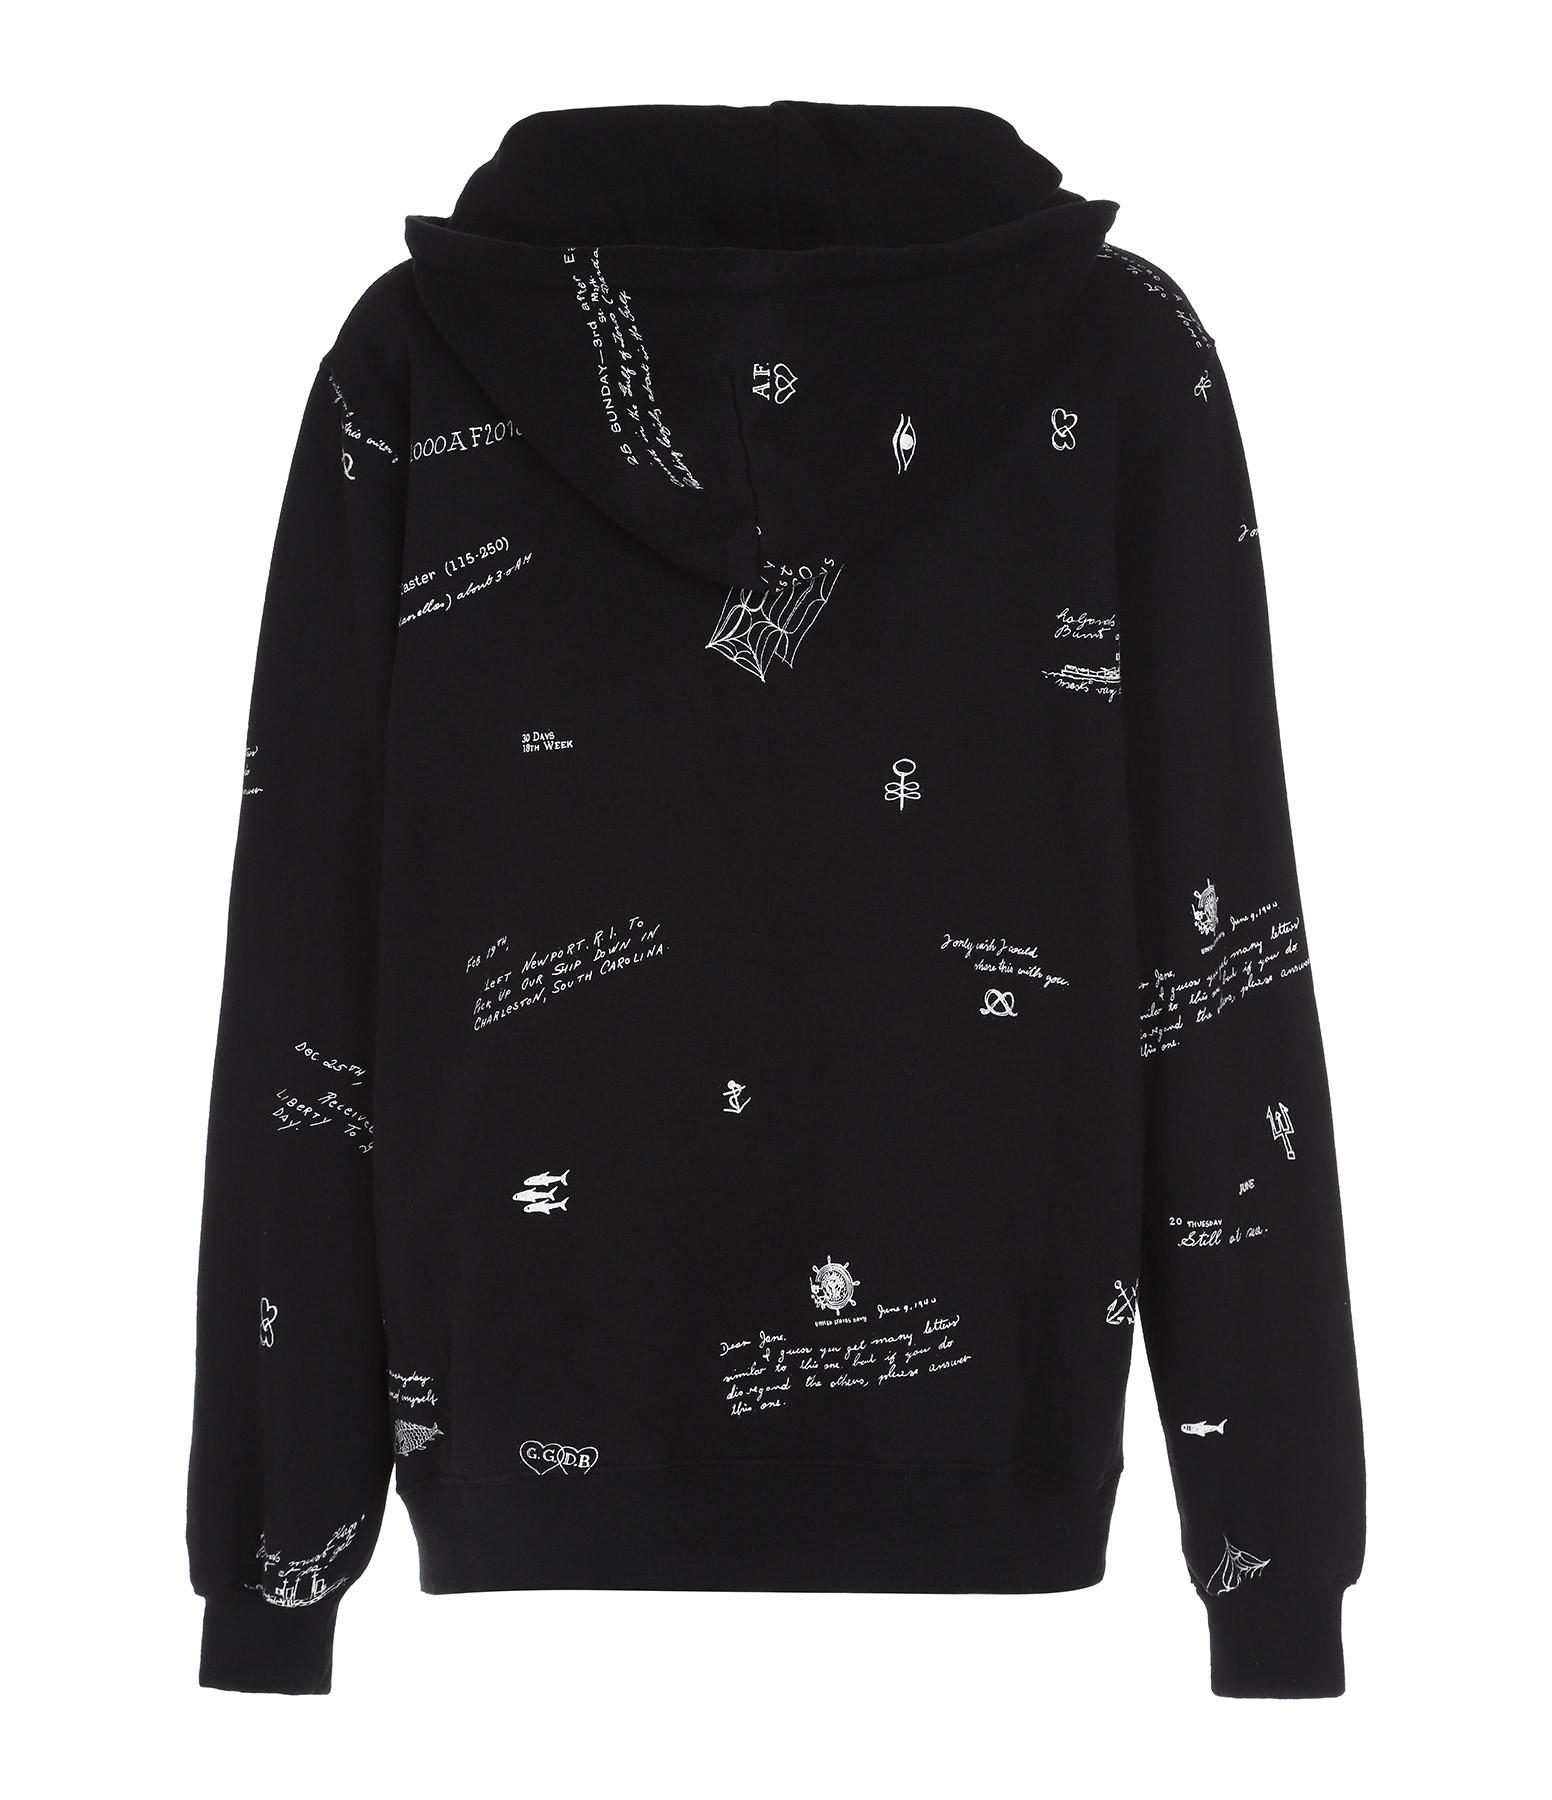 GOLDEN GOOSE - Sweatshirt Saburo Imprimé Noir